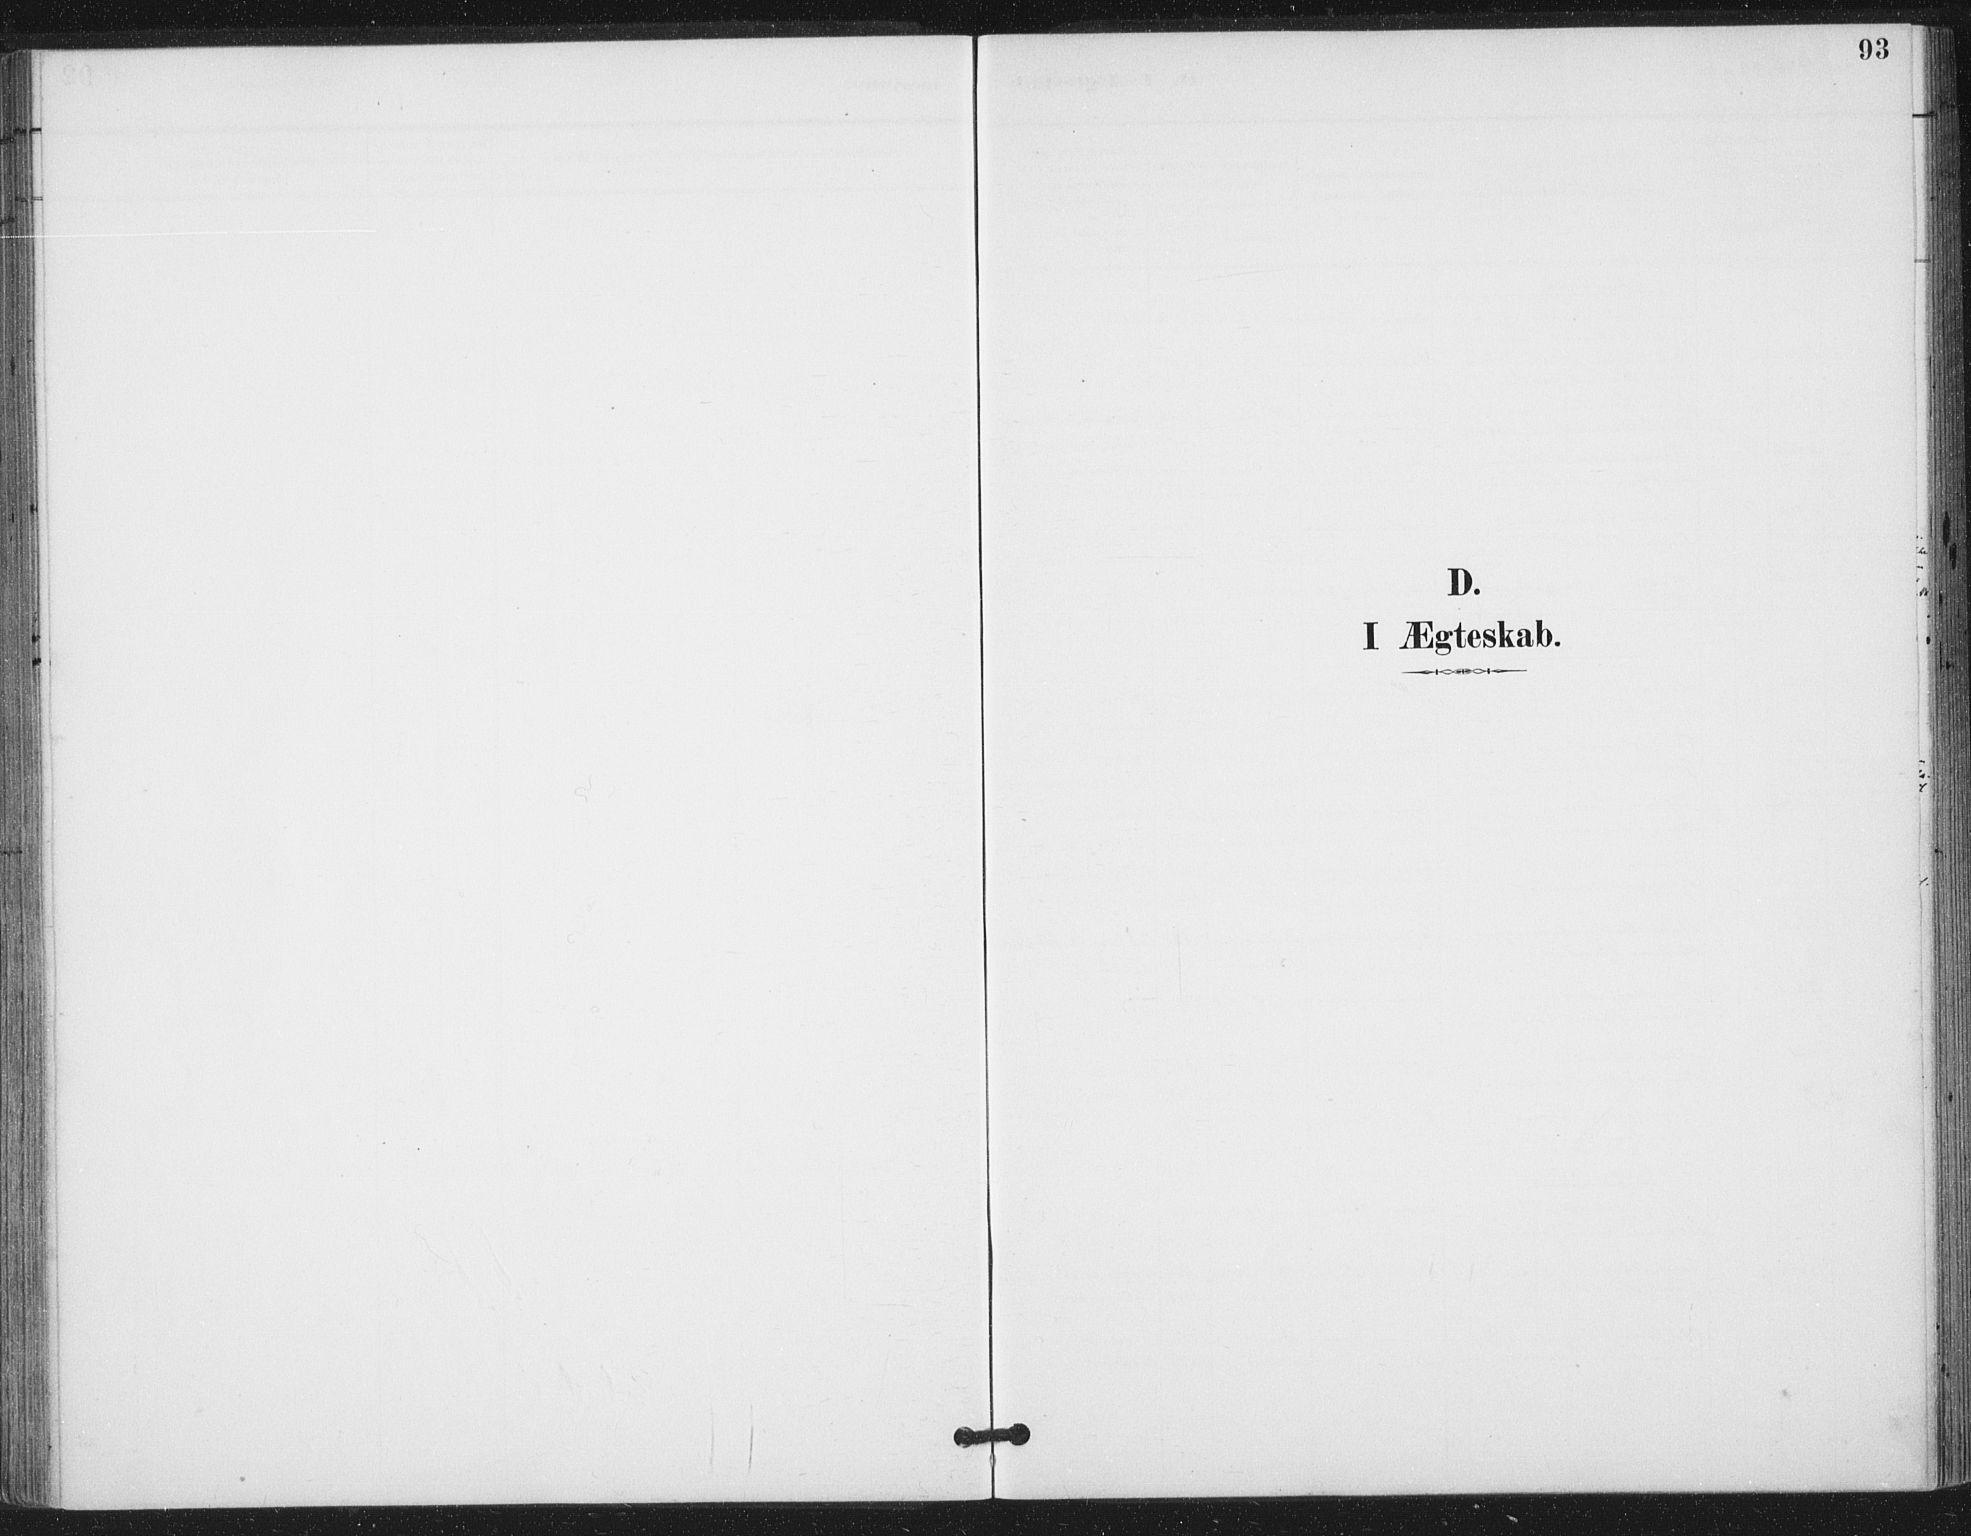 SAT, Ministerialprotokoller, klokkerbøker og fødselsregistre - Nord-Trøndelag, 783/L0660: Ministerialbok nr. 783A02, 1886-1918, s. 93